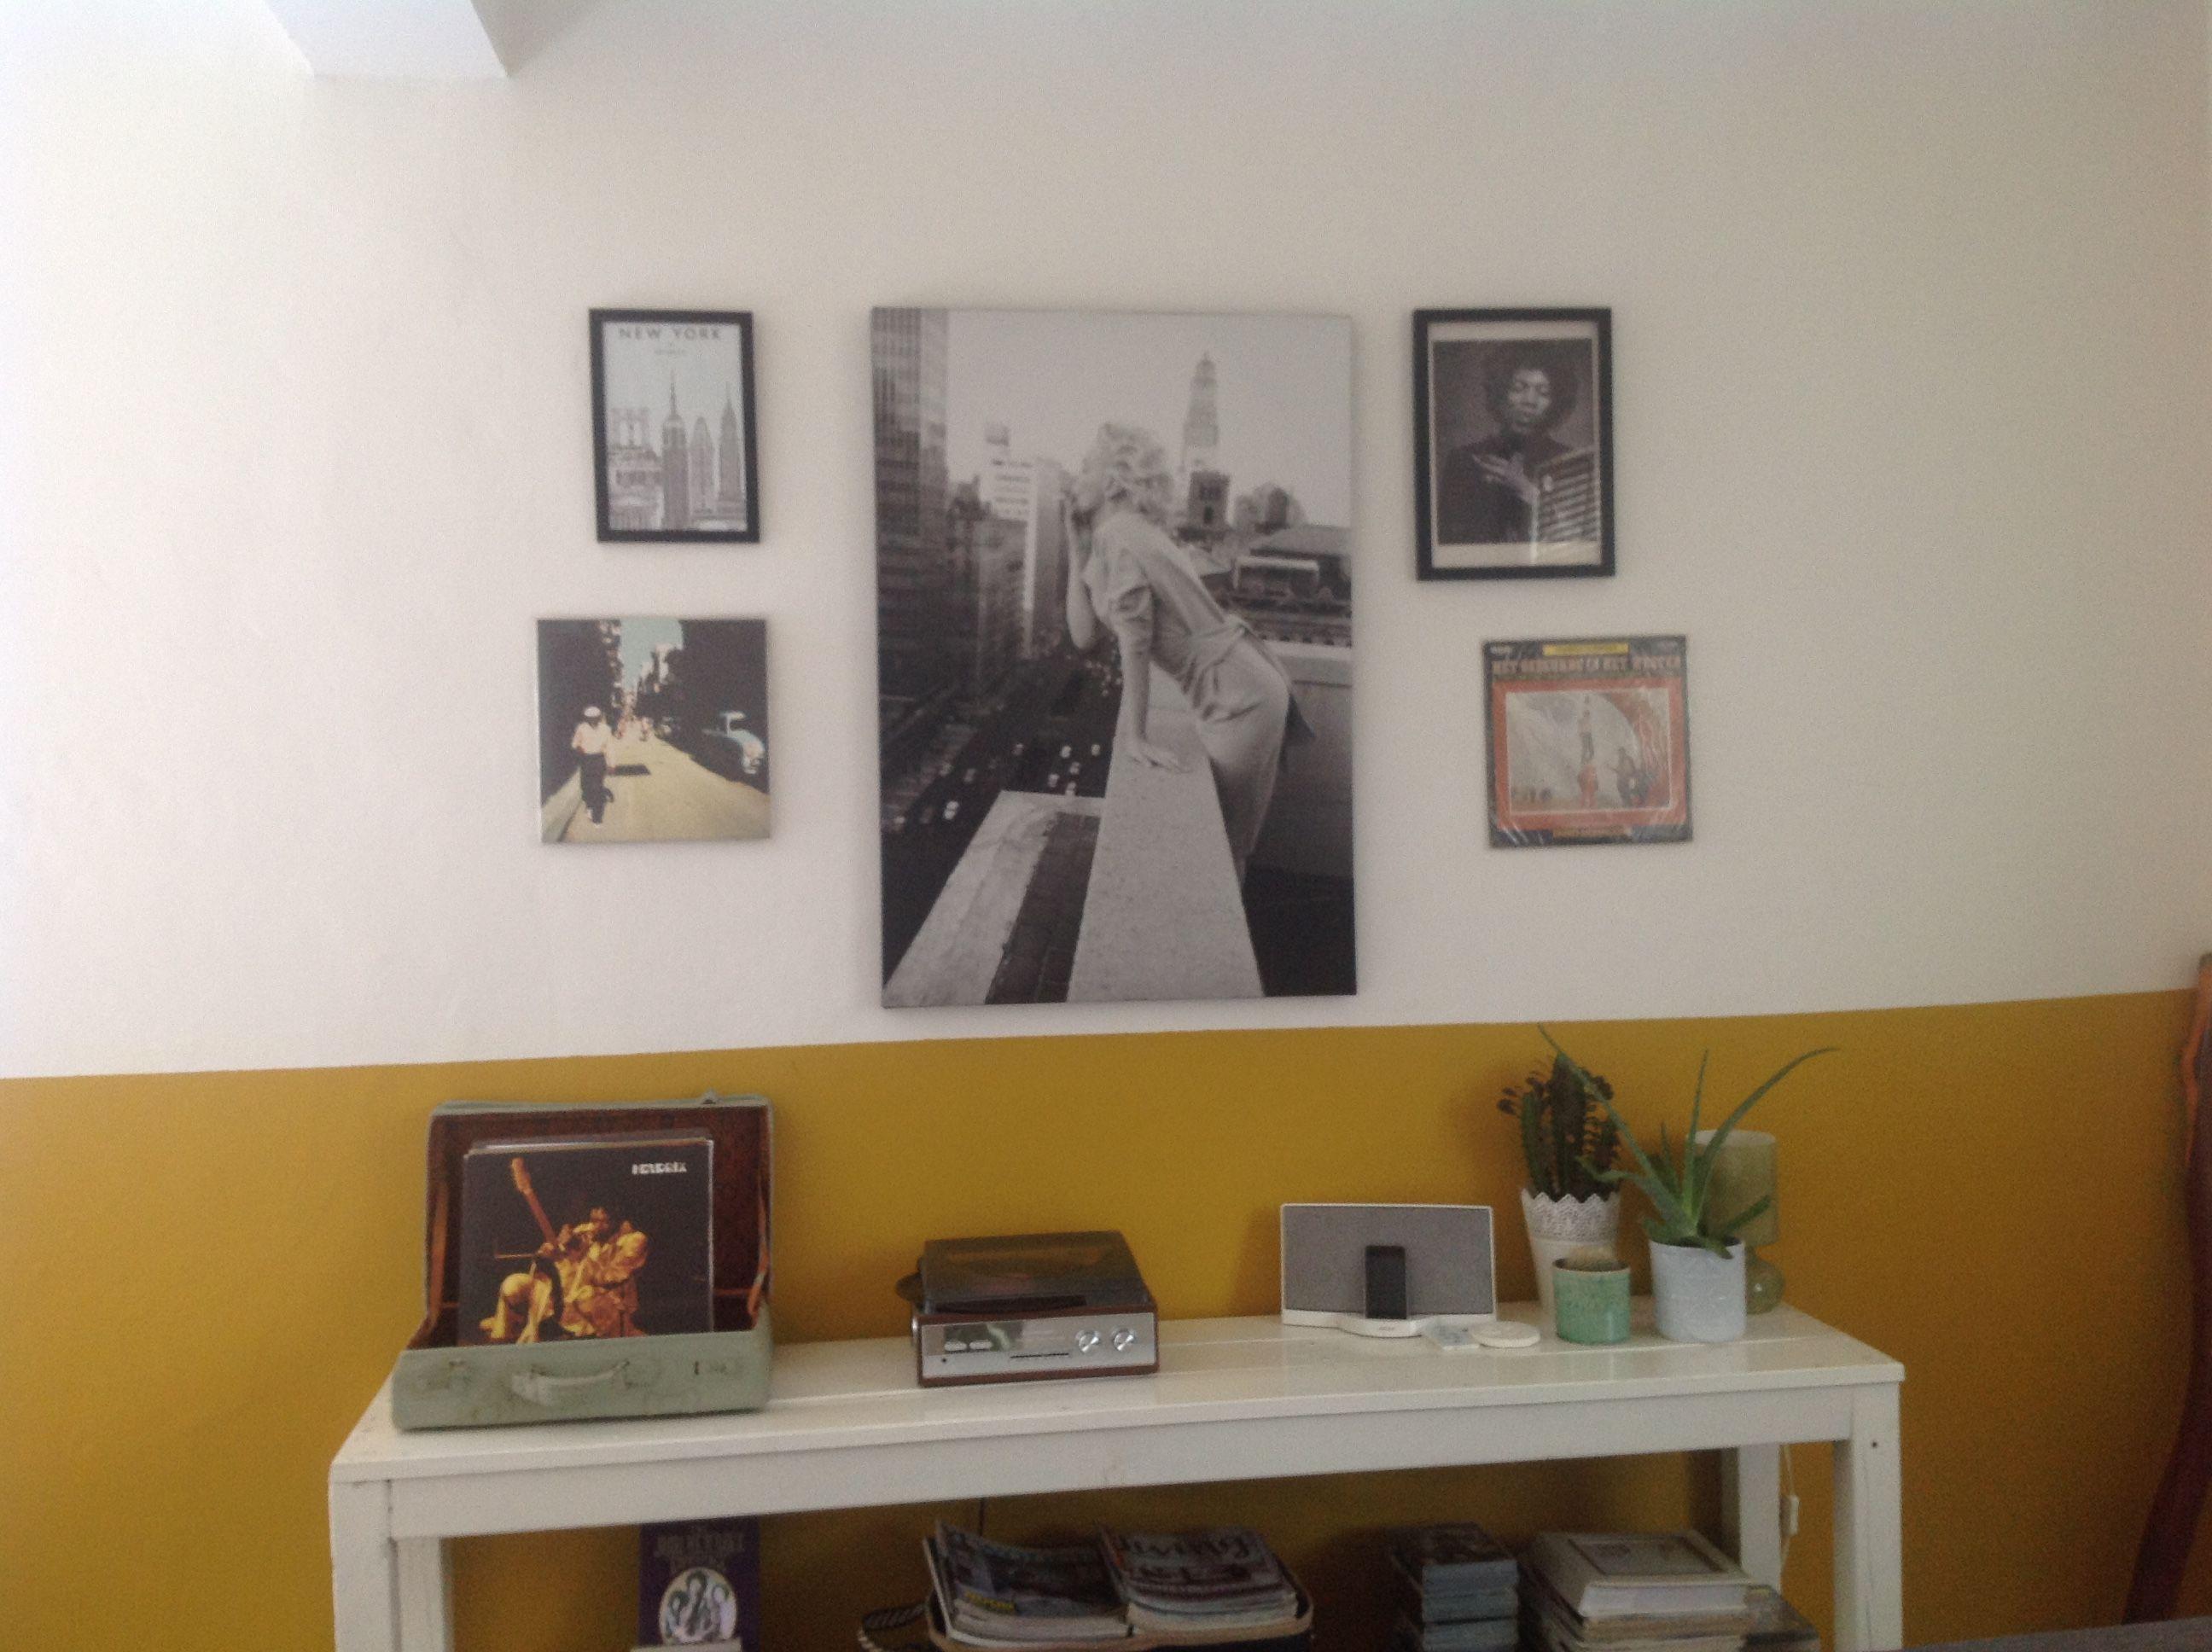 Muurdecoratie woonkamer | Anne en Martijn\'S home | Pinterest